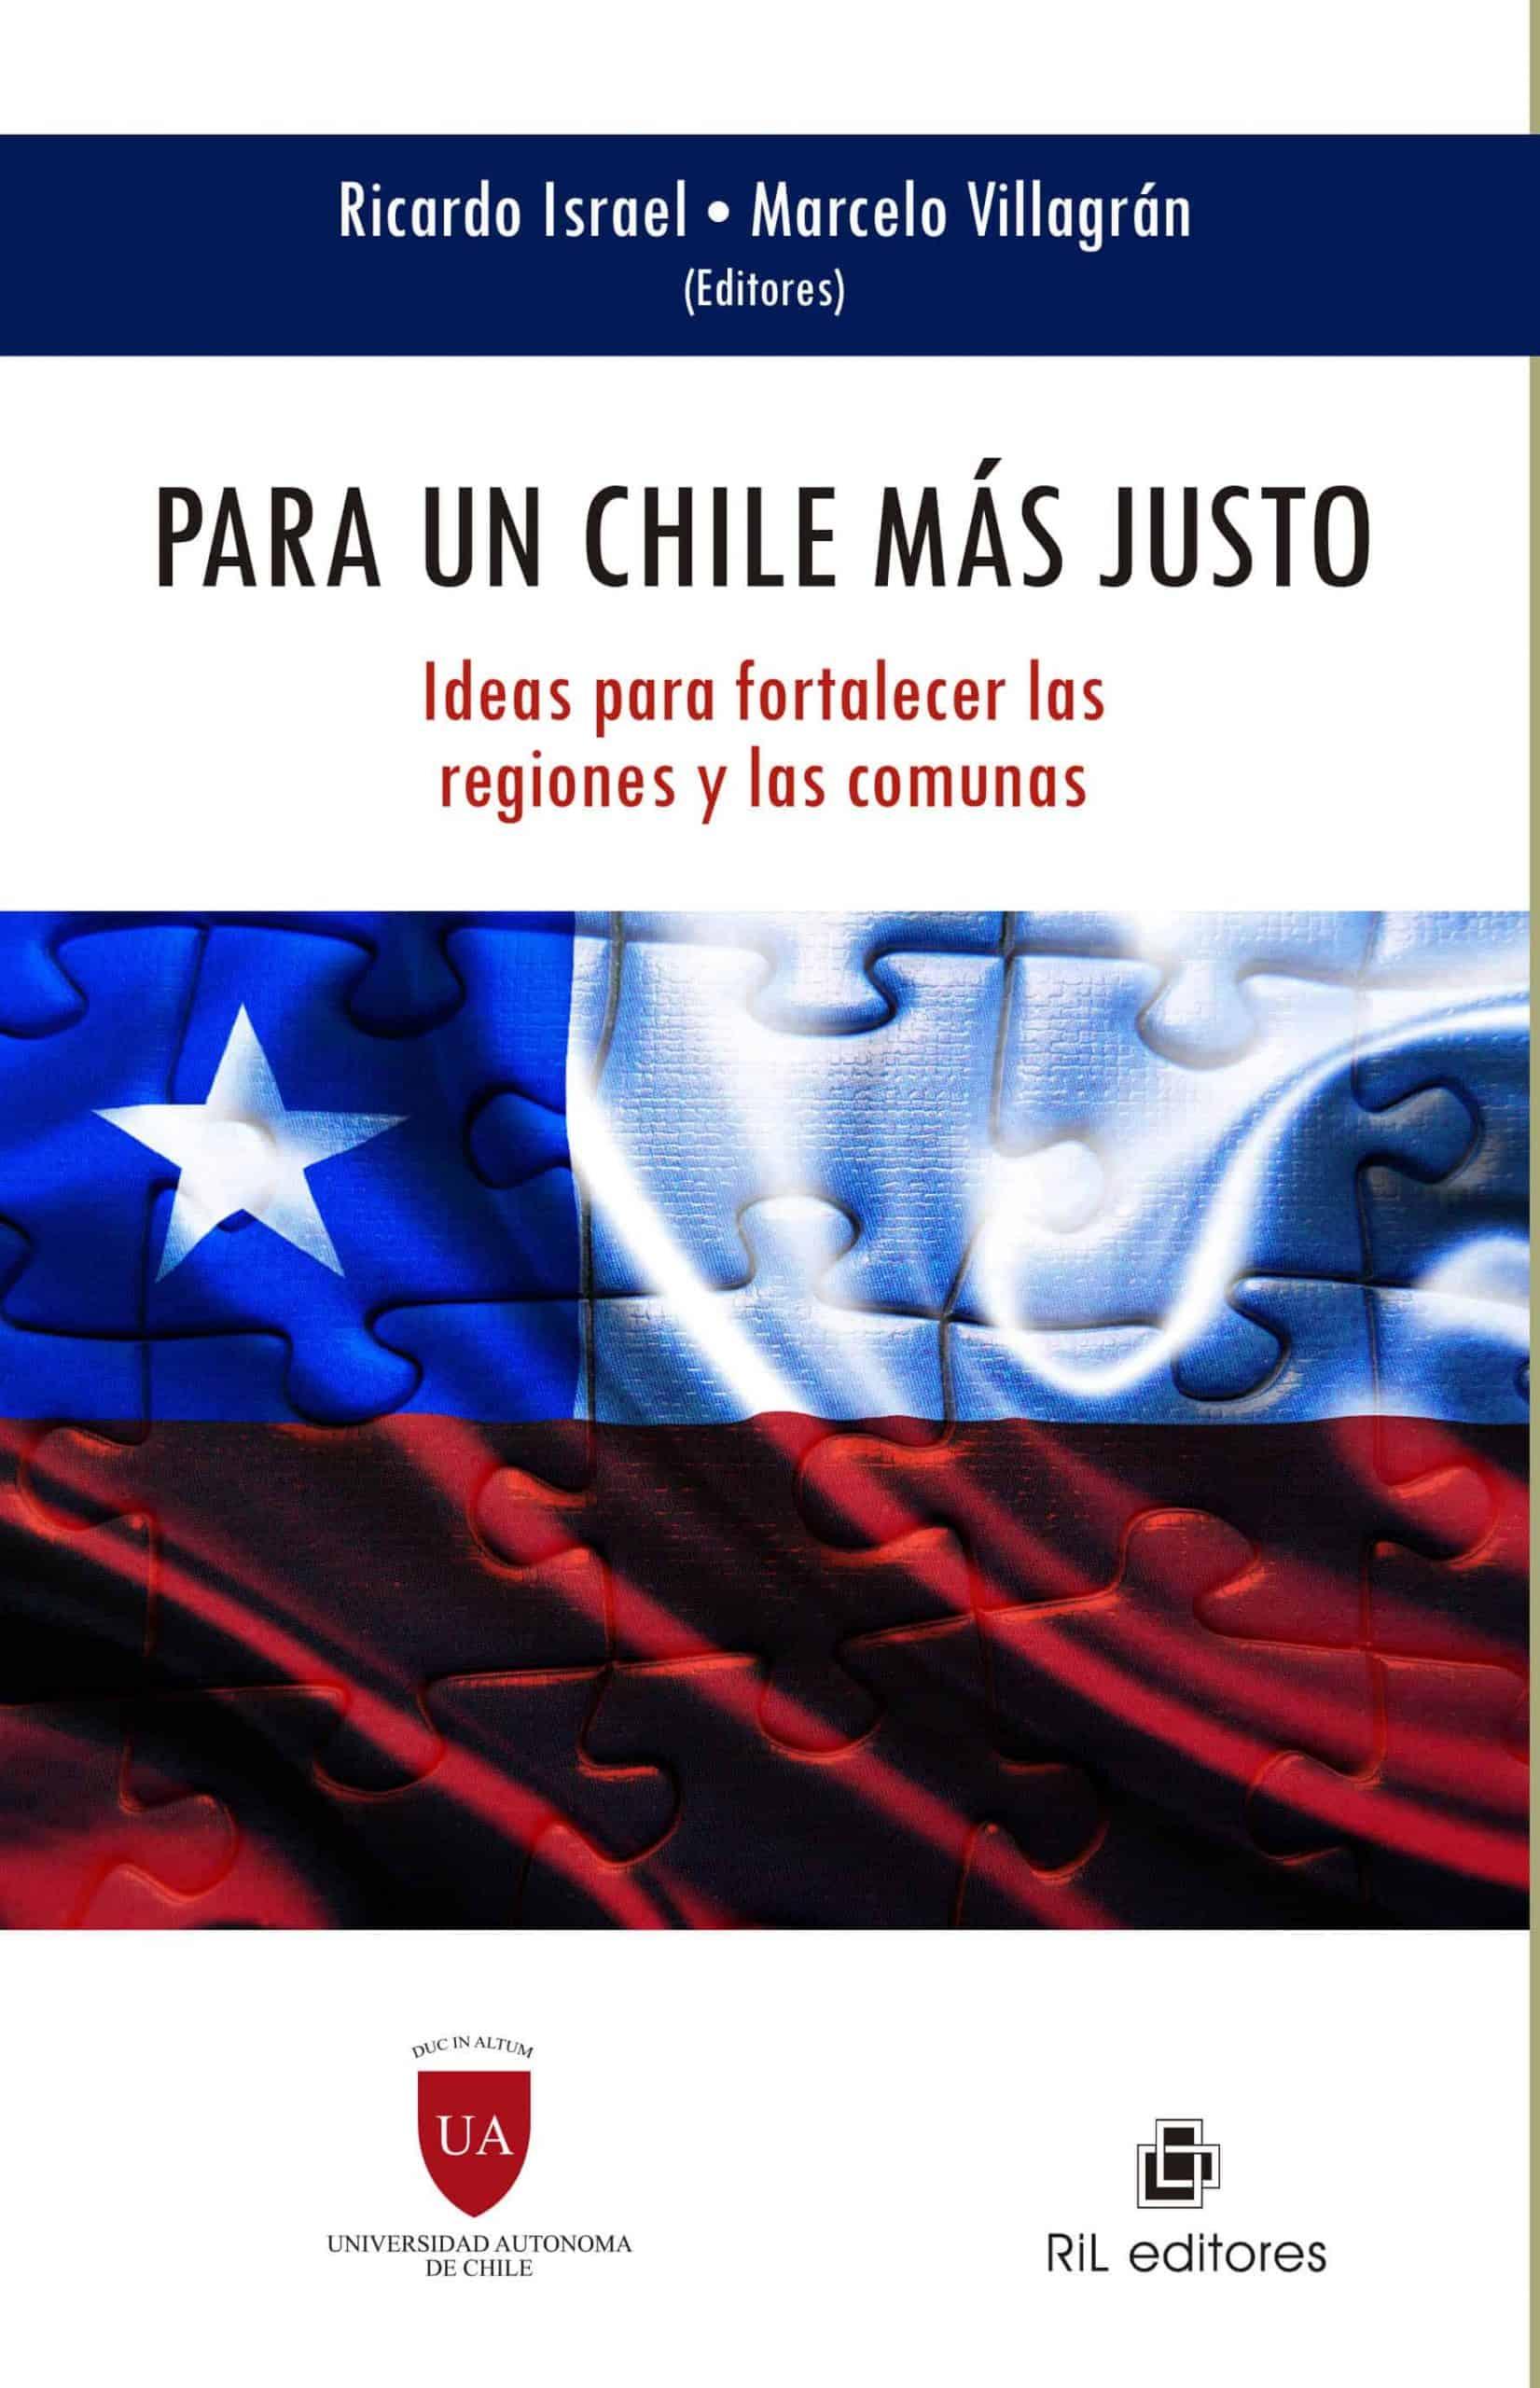 Para un Chile más justo: ideas para fortalecer las regiones y las comunas 1